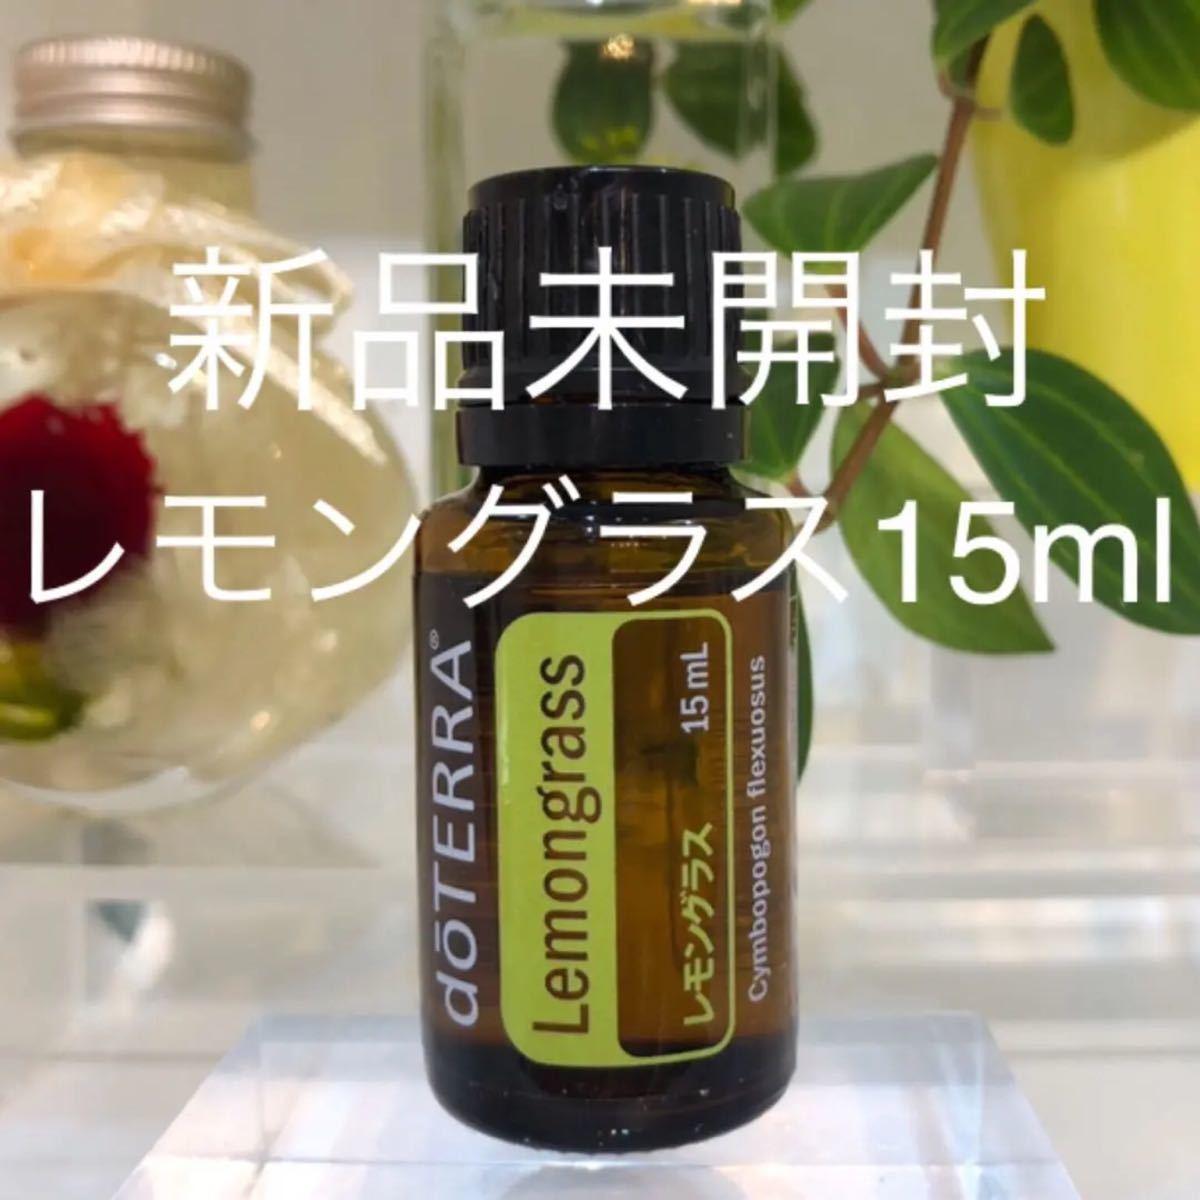 ドテラ レモングラス 15ml ★正規品★新品未開封★